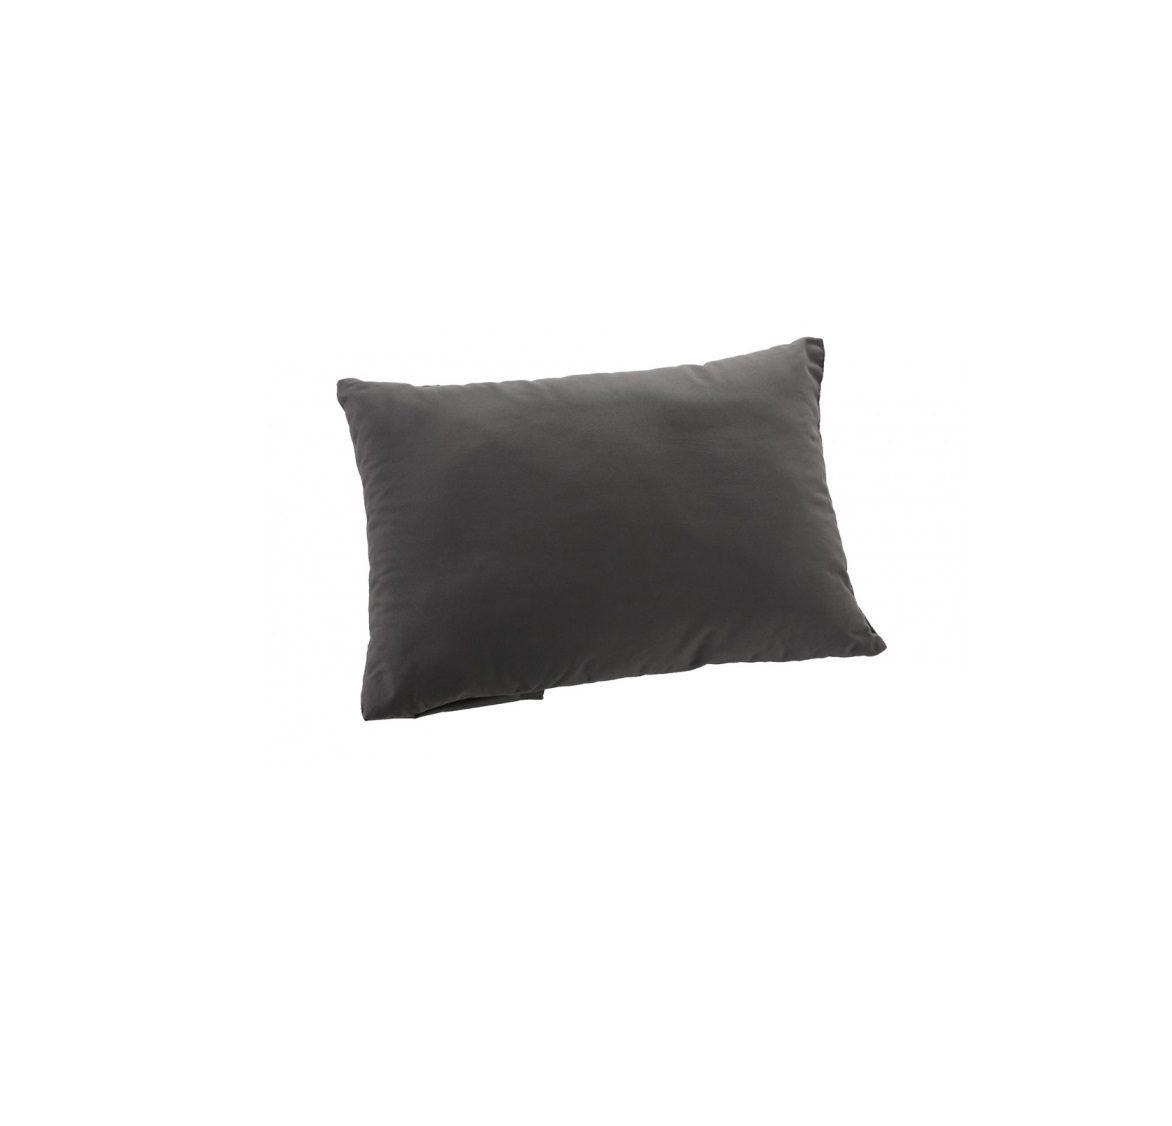 Foldaway Pillow